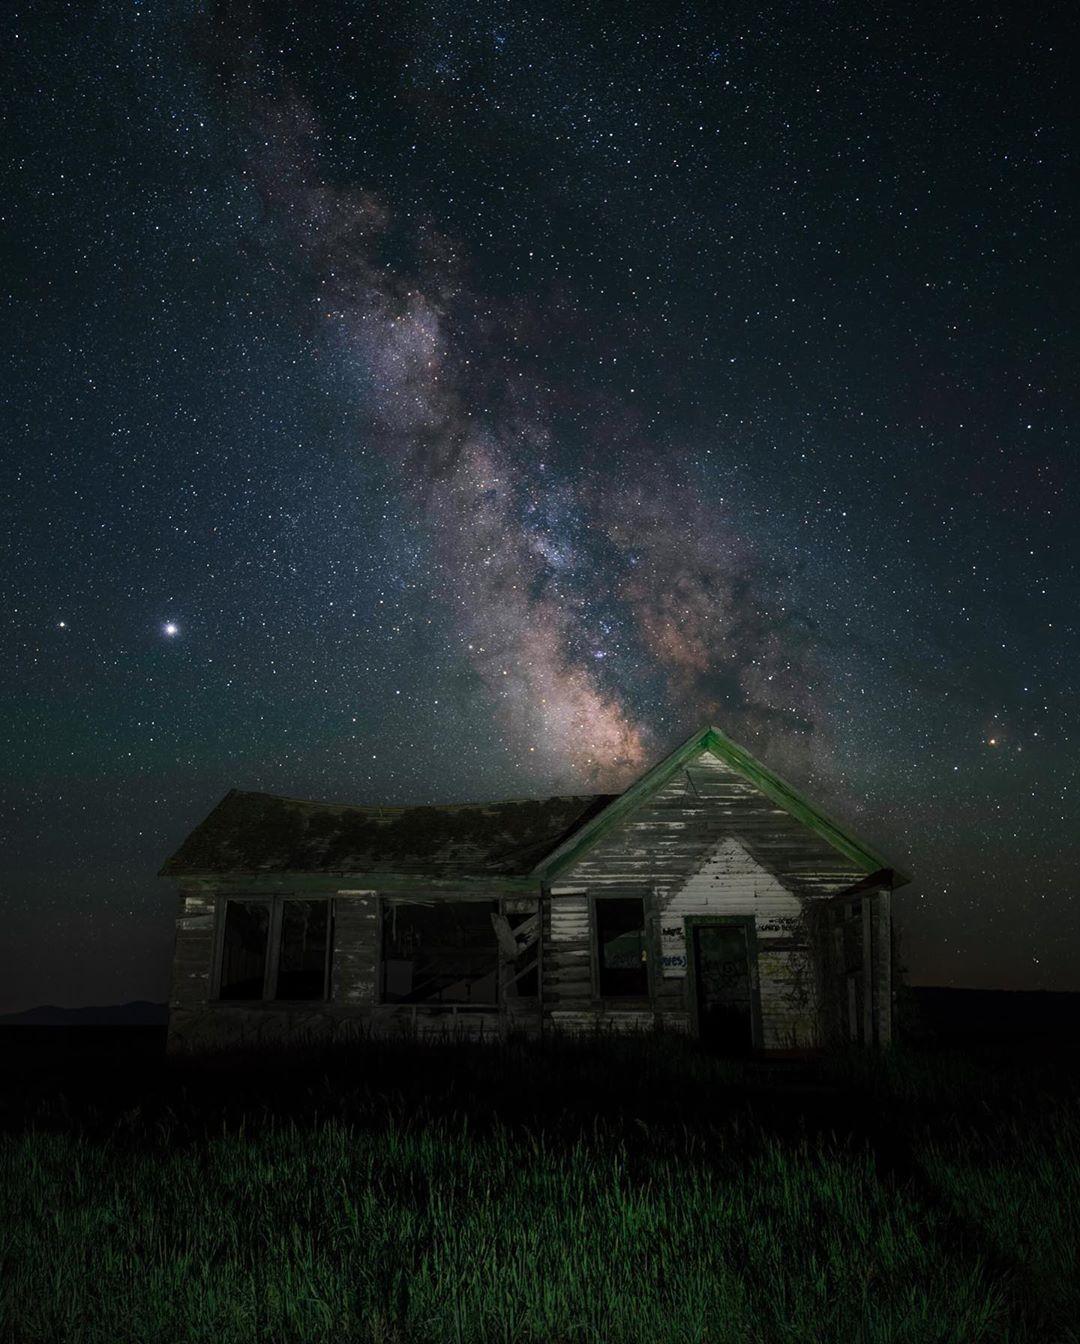 Завораживающие снимки Грея Маркса, зовущие в путь мир,планета,путешествия,тревел-фото